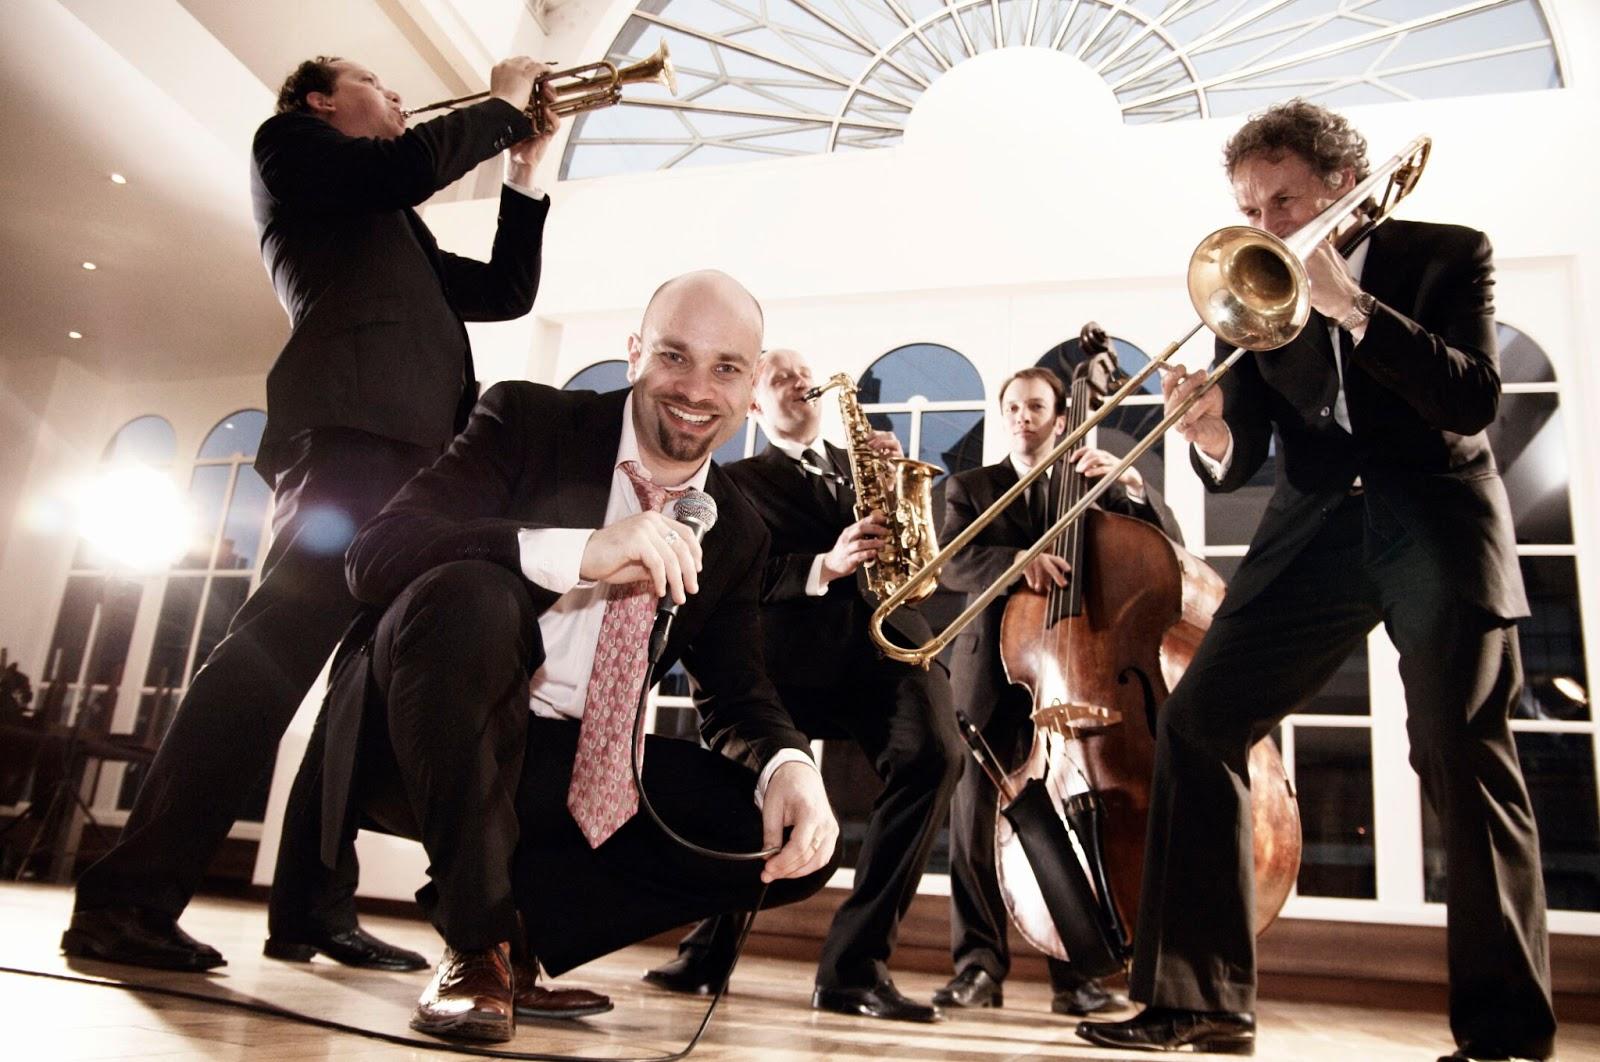 Black Pearl Weddings: My Fabulous Wedding Band